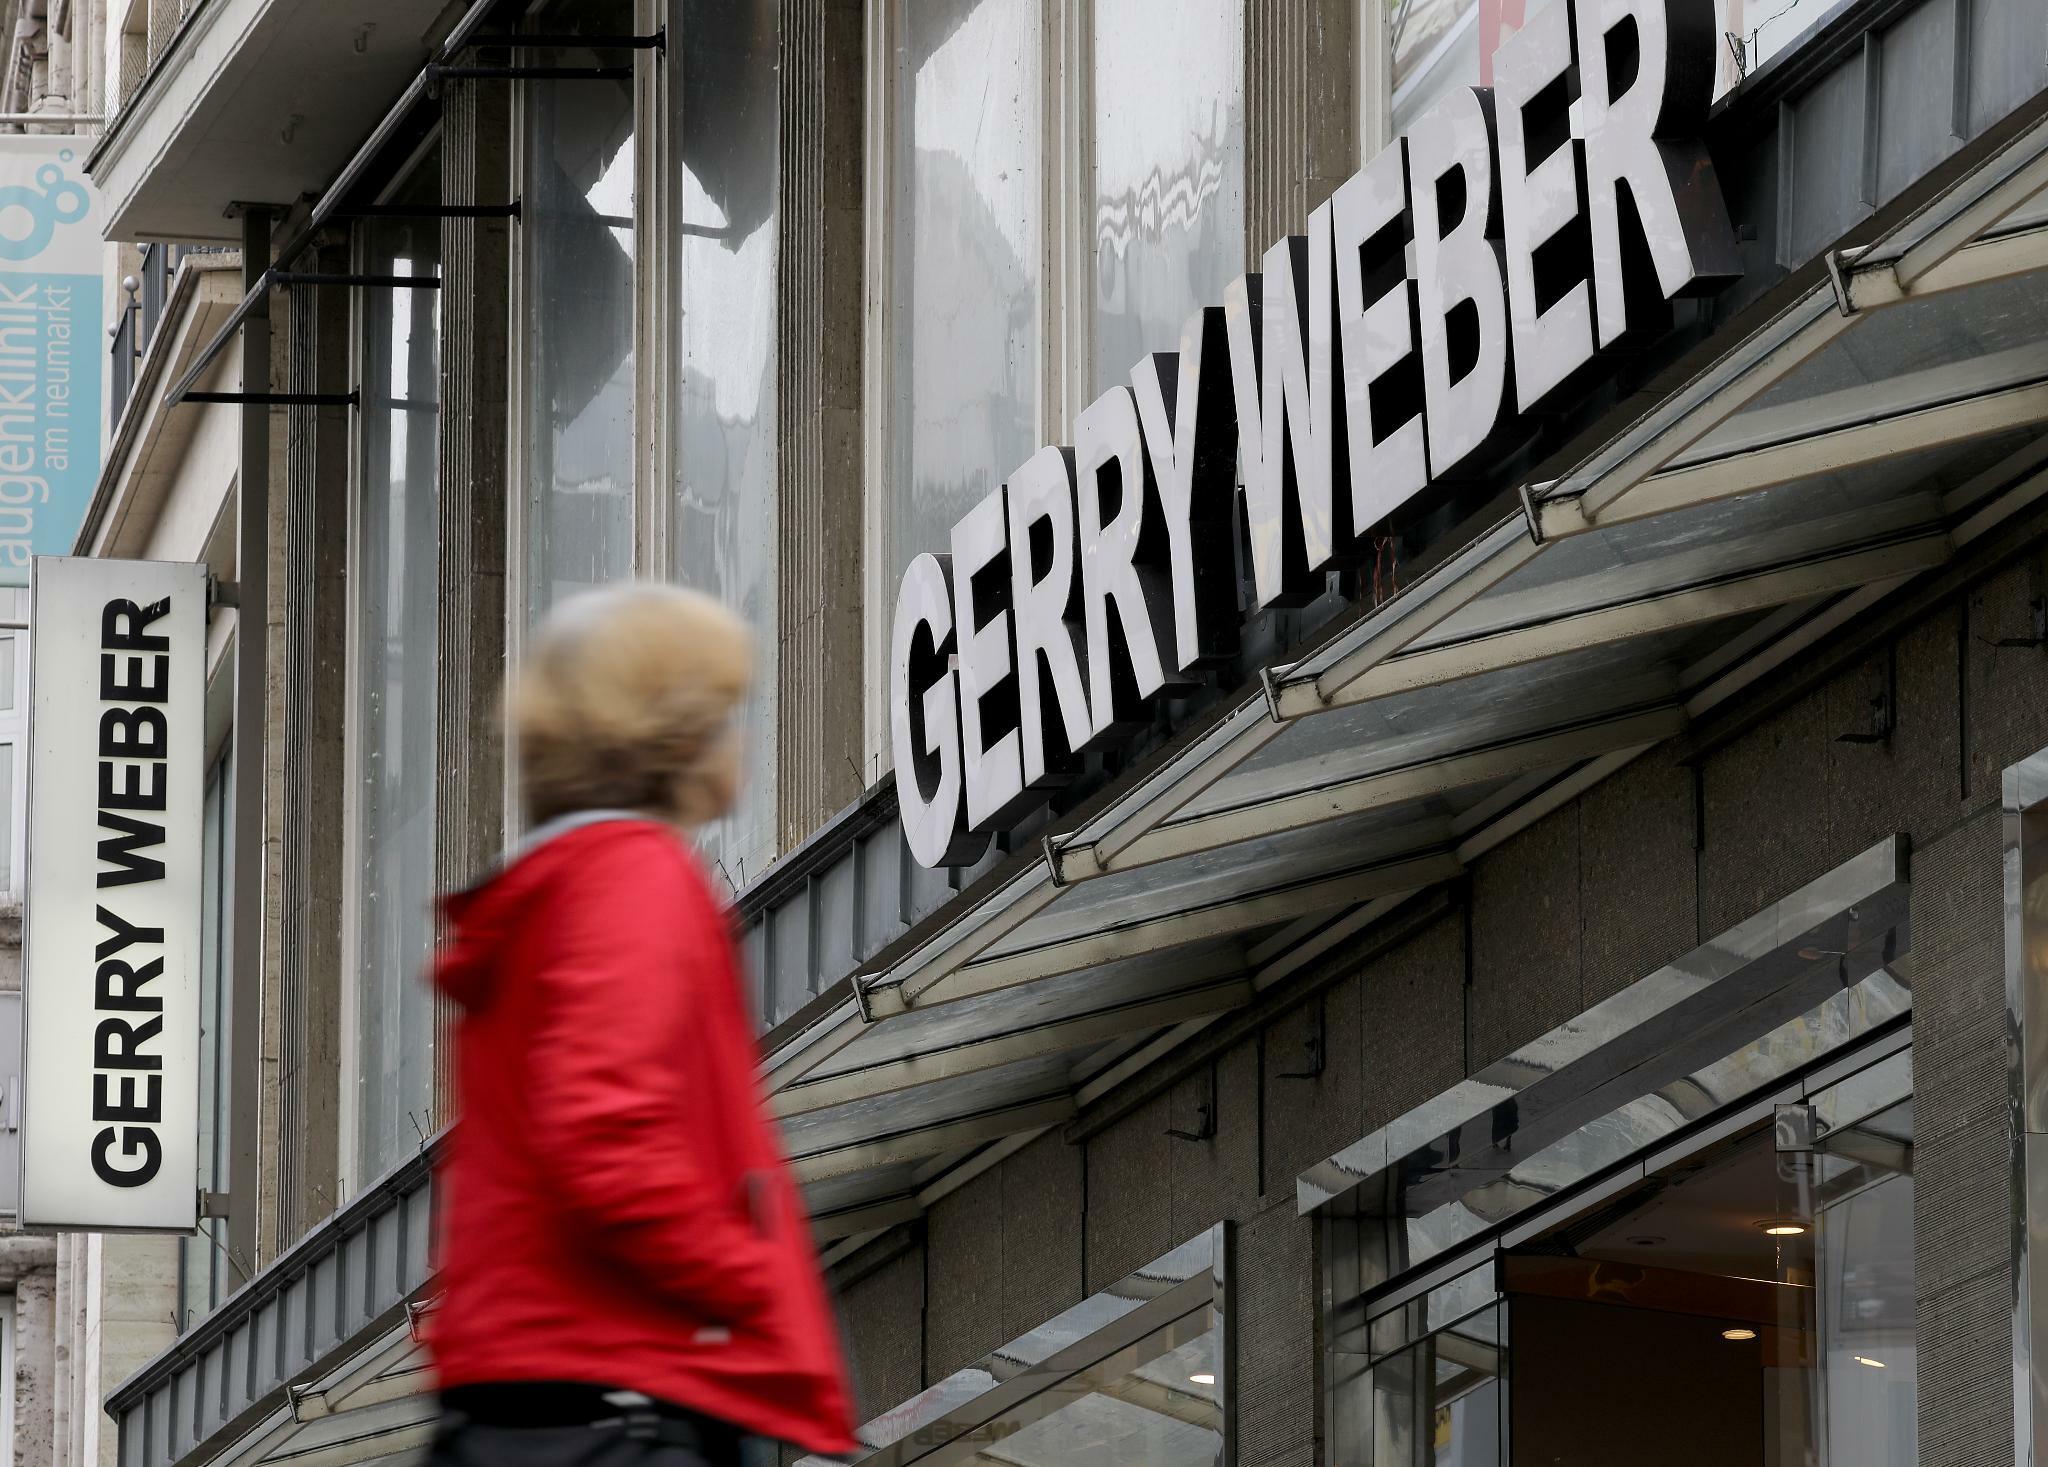 Gläubiger machen Weg für Sanierung von Gerry Weber frei